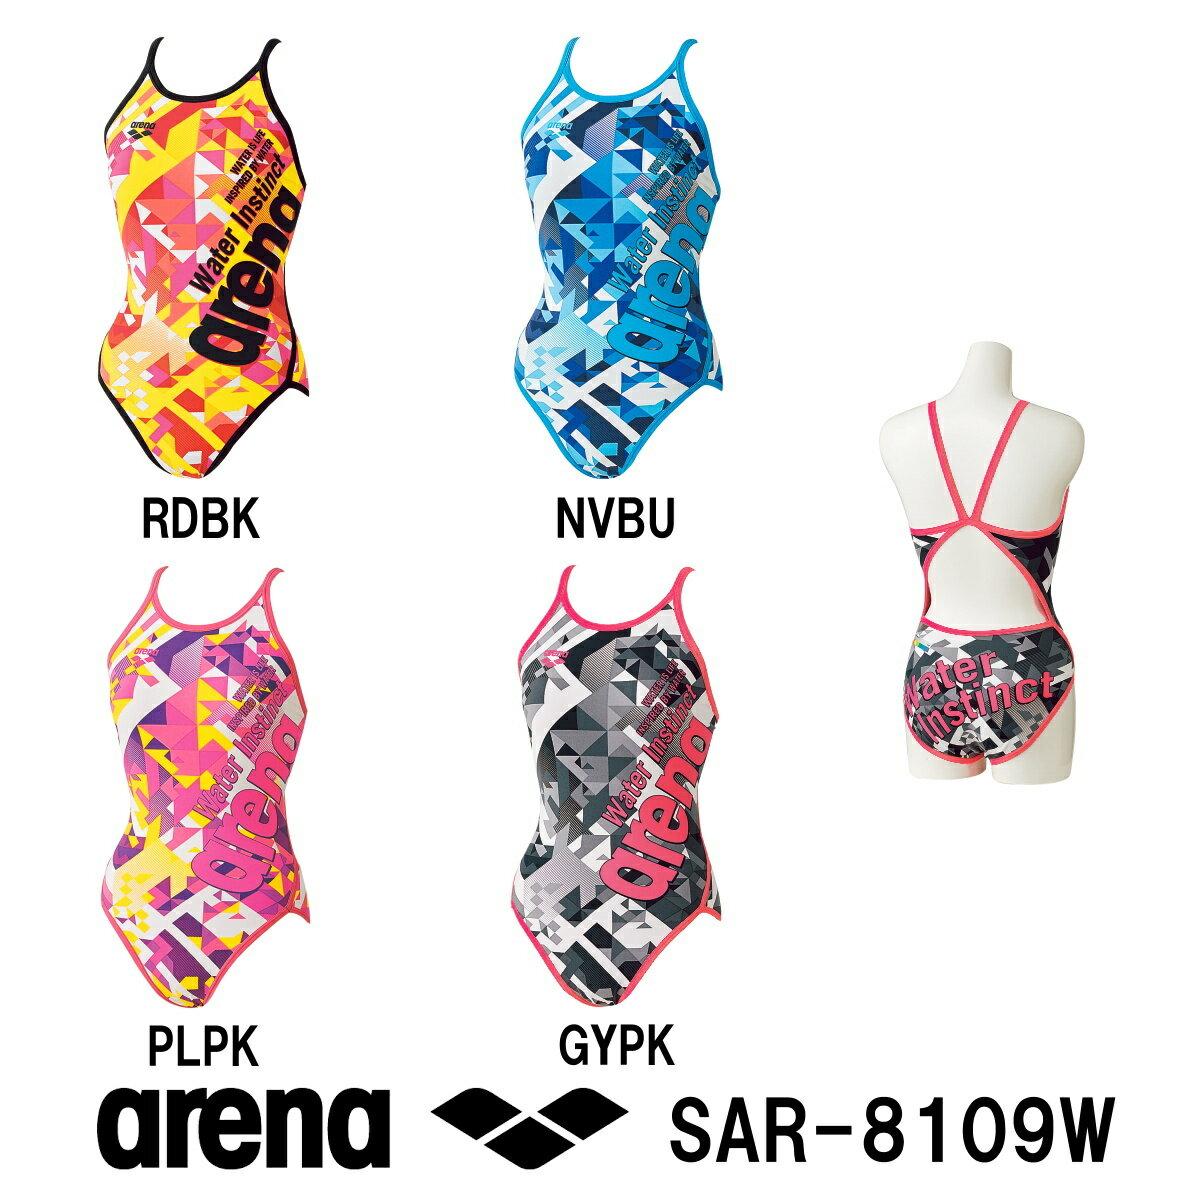 アリーナ ARENA 競泳水着 レディース 練習用 タフスーツ スーパーフライバック タフスキンD 競泳練習水着 2018年春夏モデル SAR-8109W